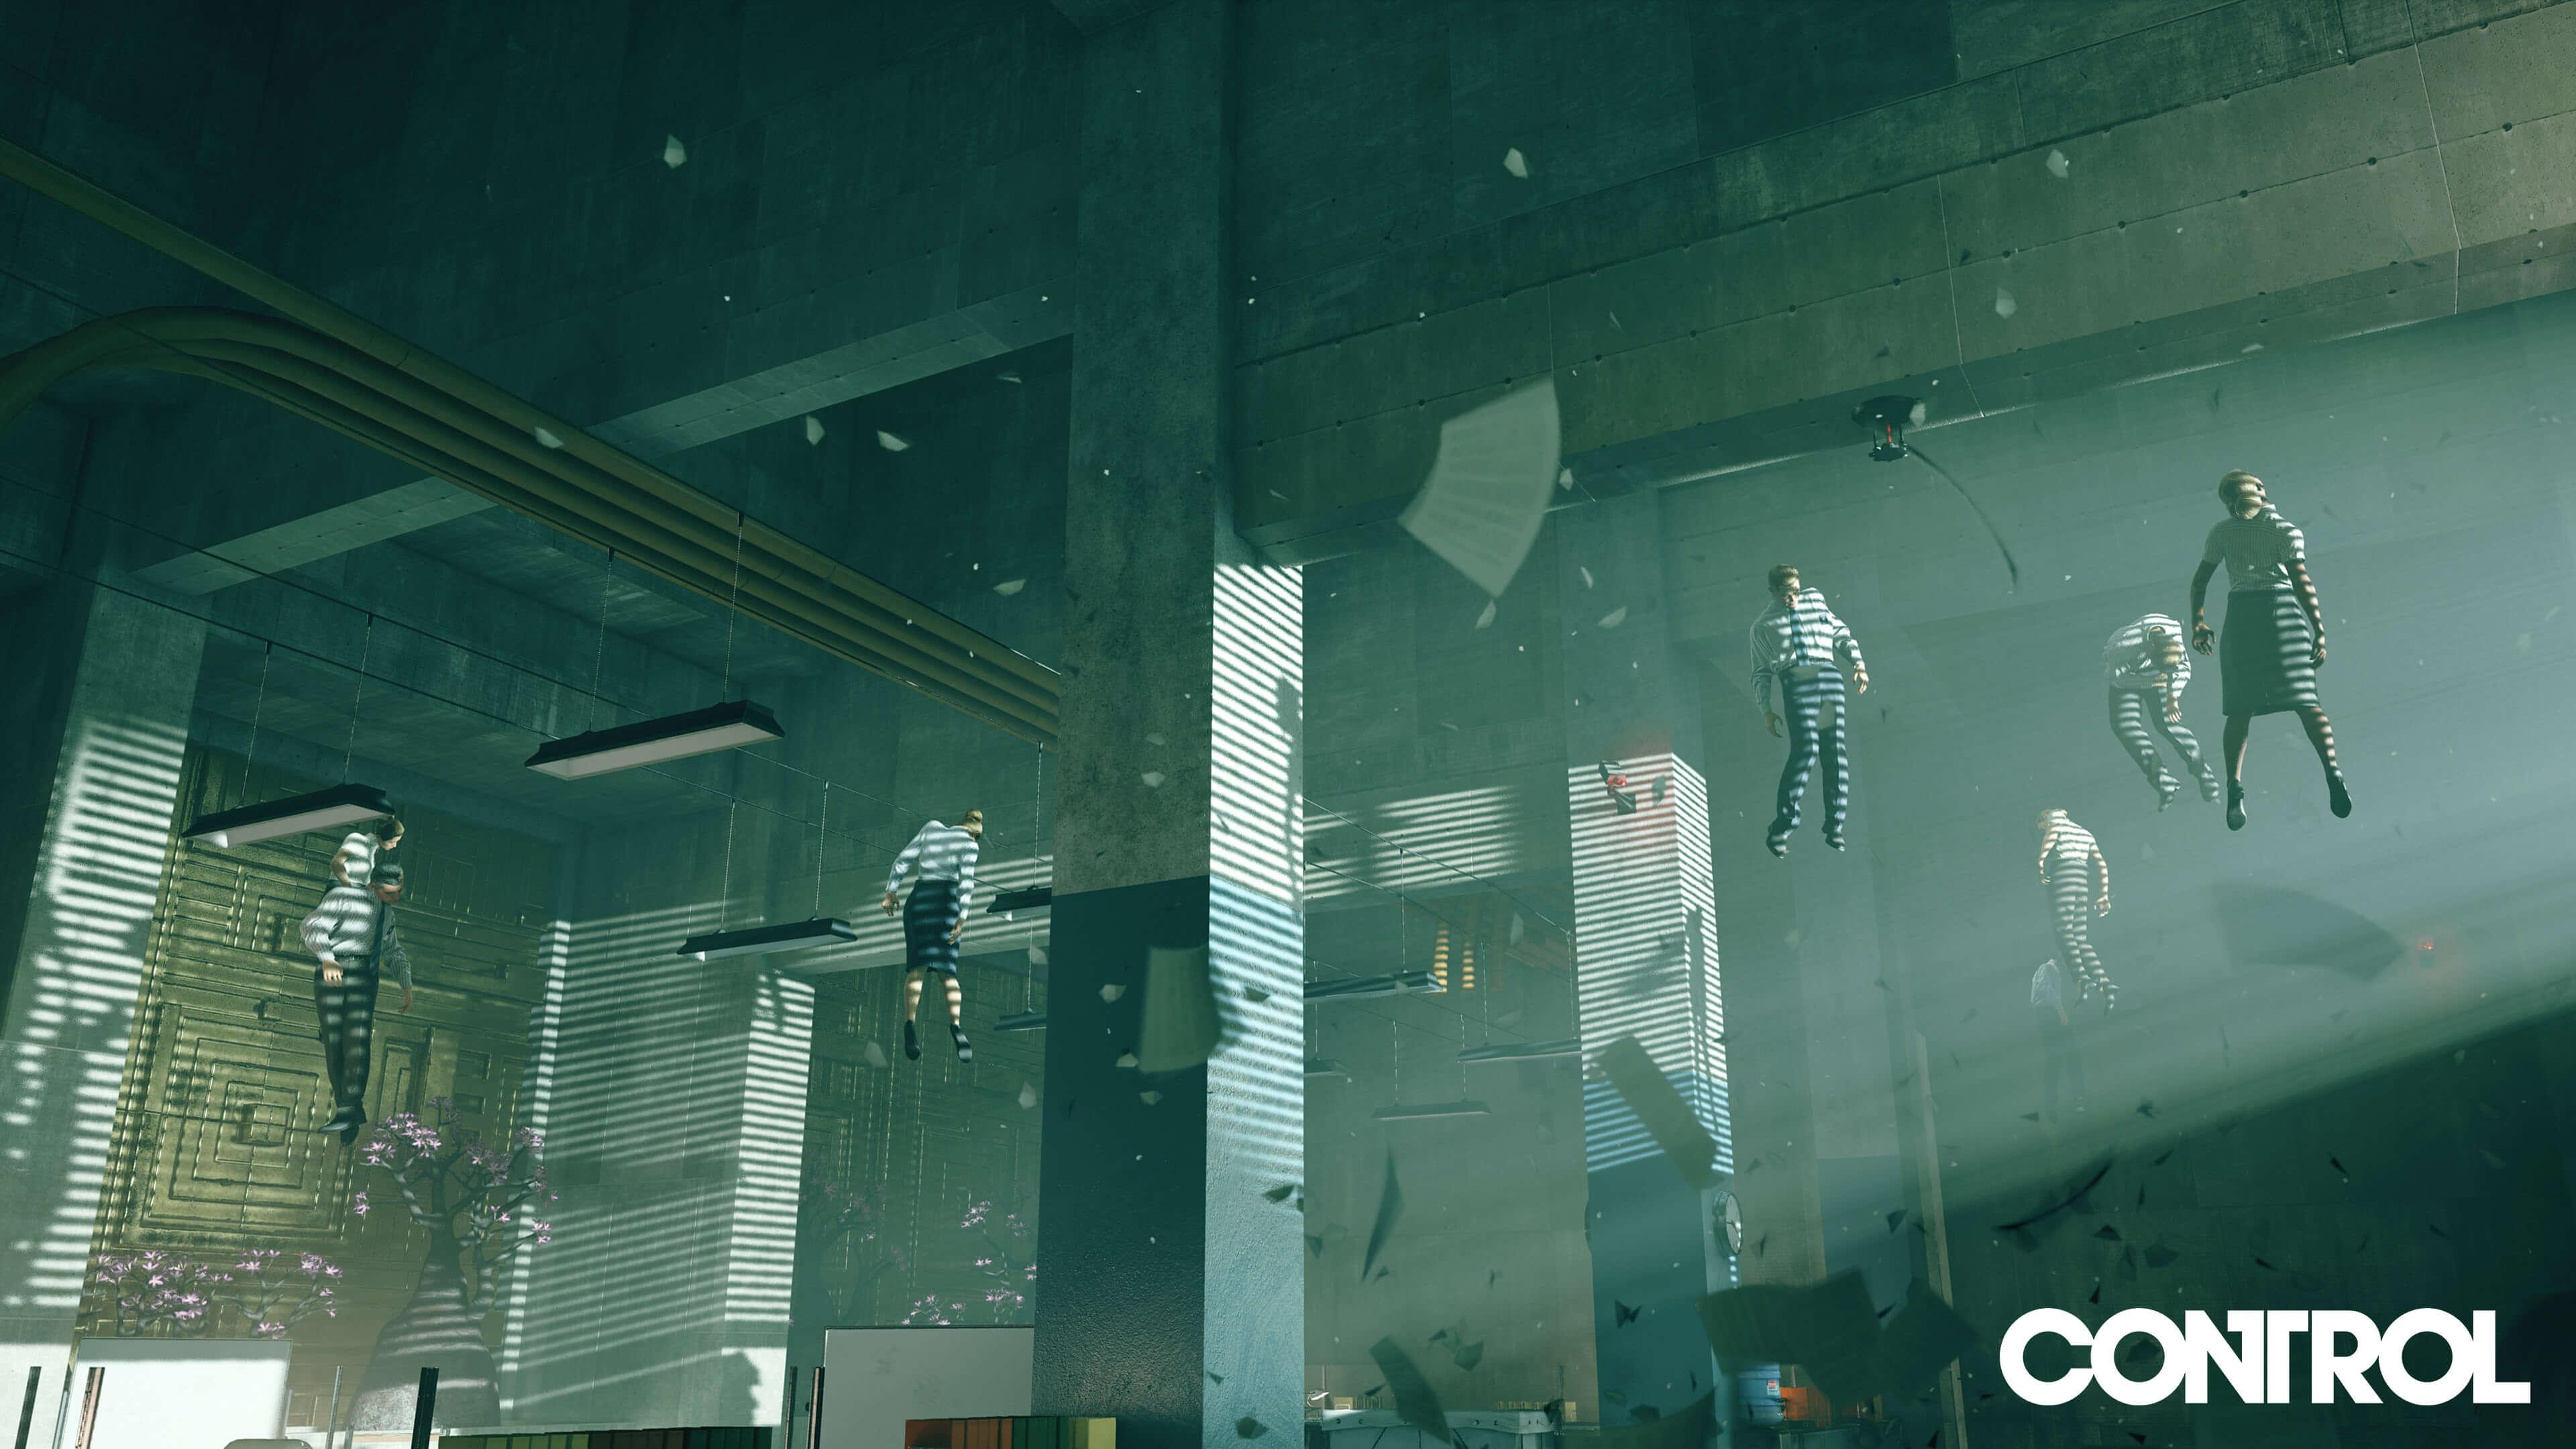 《控制》确认没有二周目 拍照模式将在发售后追加